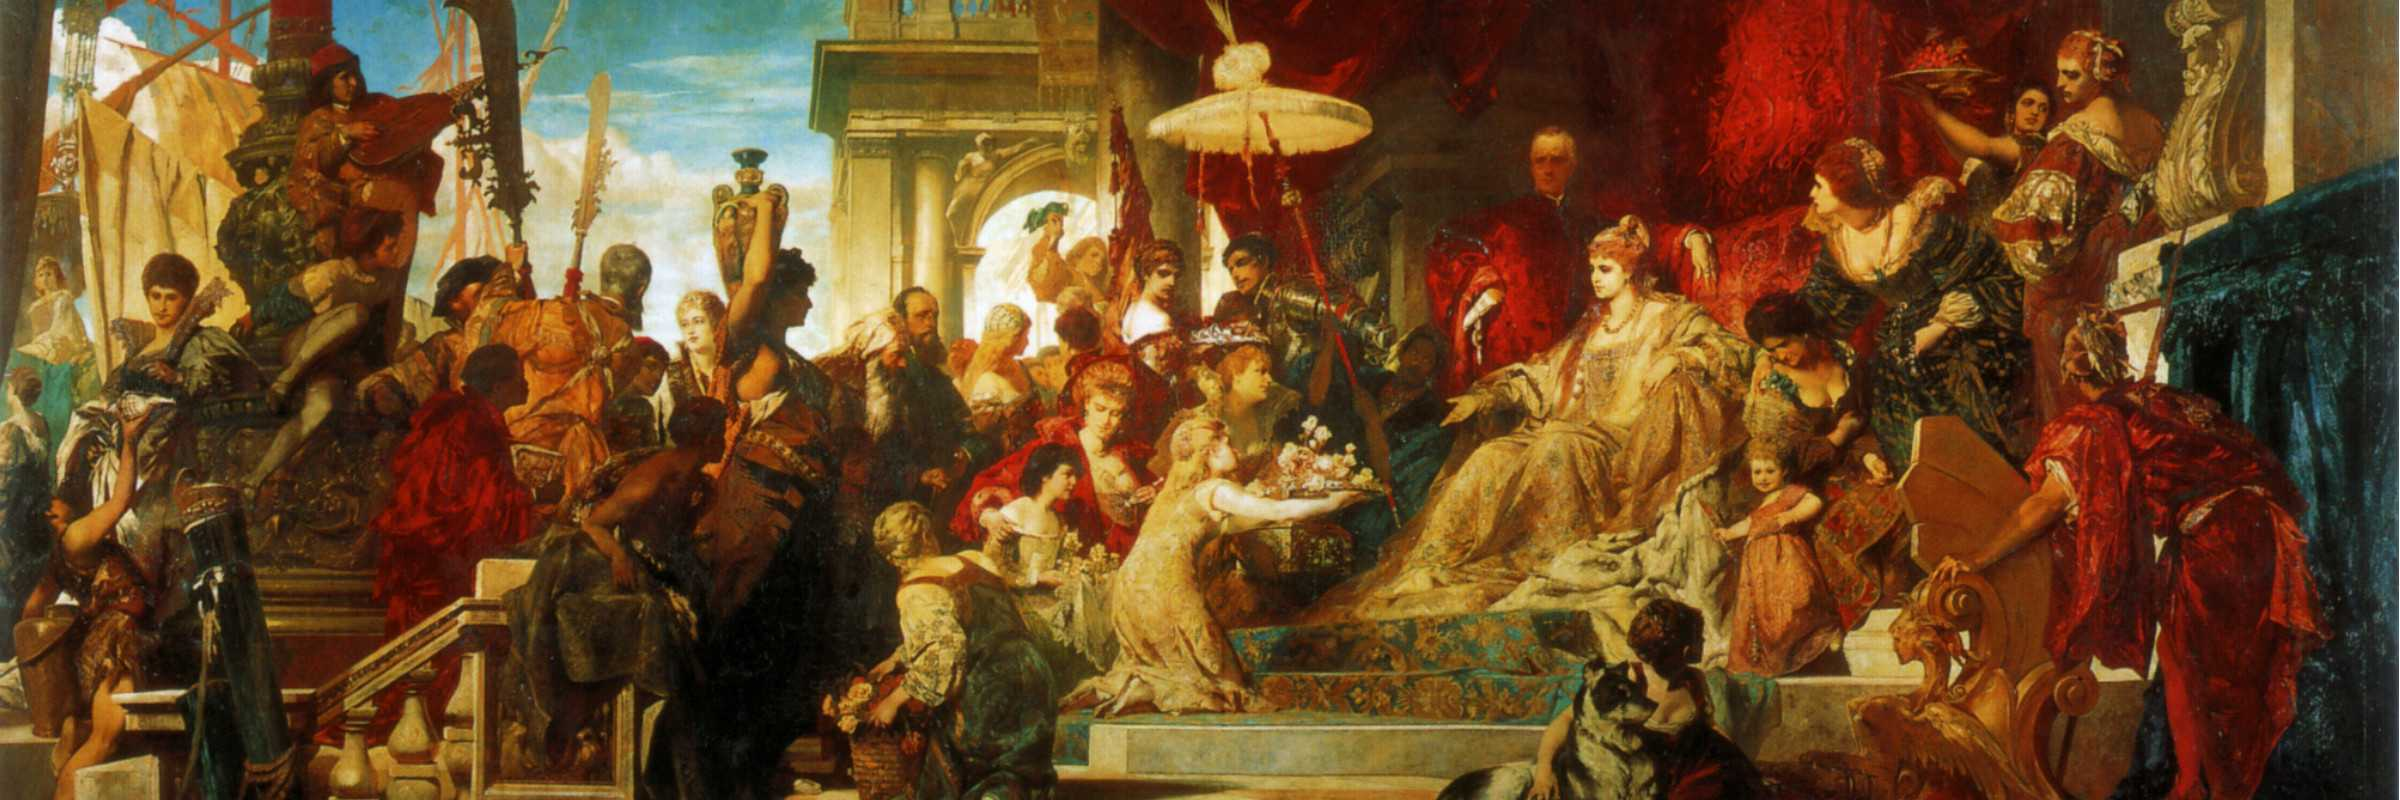 """Quadro di Johann Ferdinand Apollonius Makart """"Venezia rende omaggio a Caterina Cornaro"""", custodito presso Österreichische Galerie Belvedere di Vienna."""